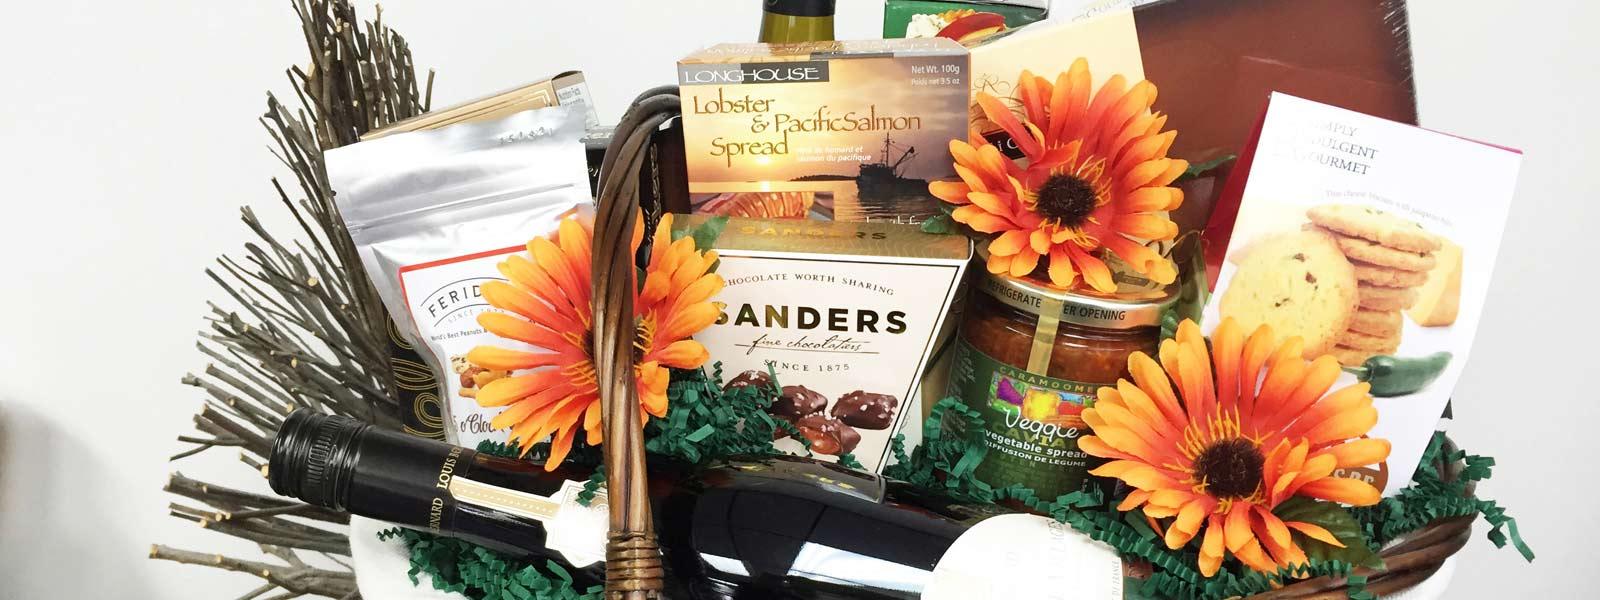 Sanders Gift Basket